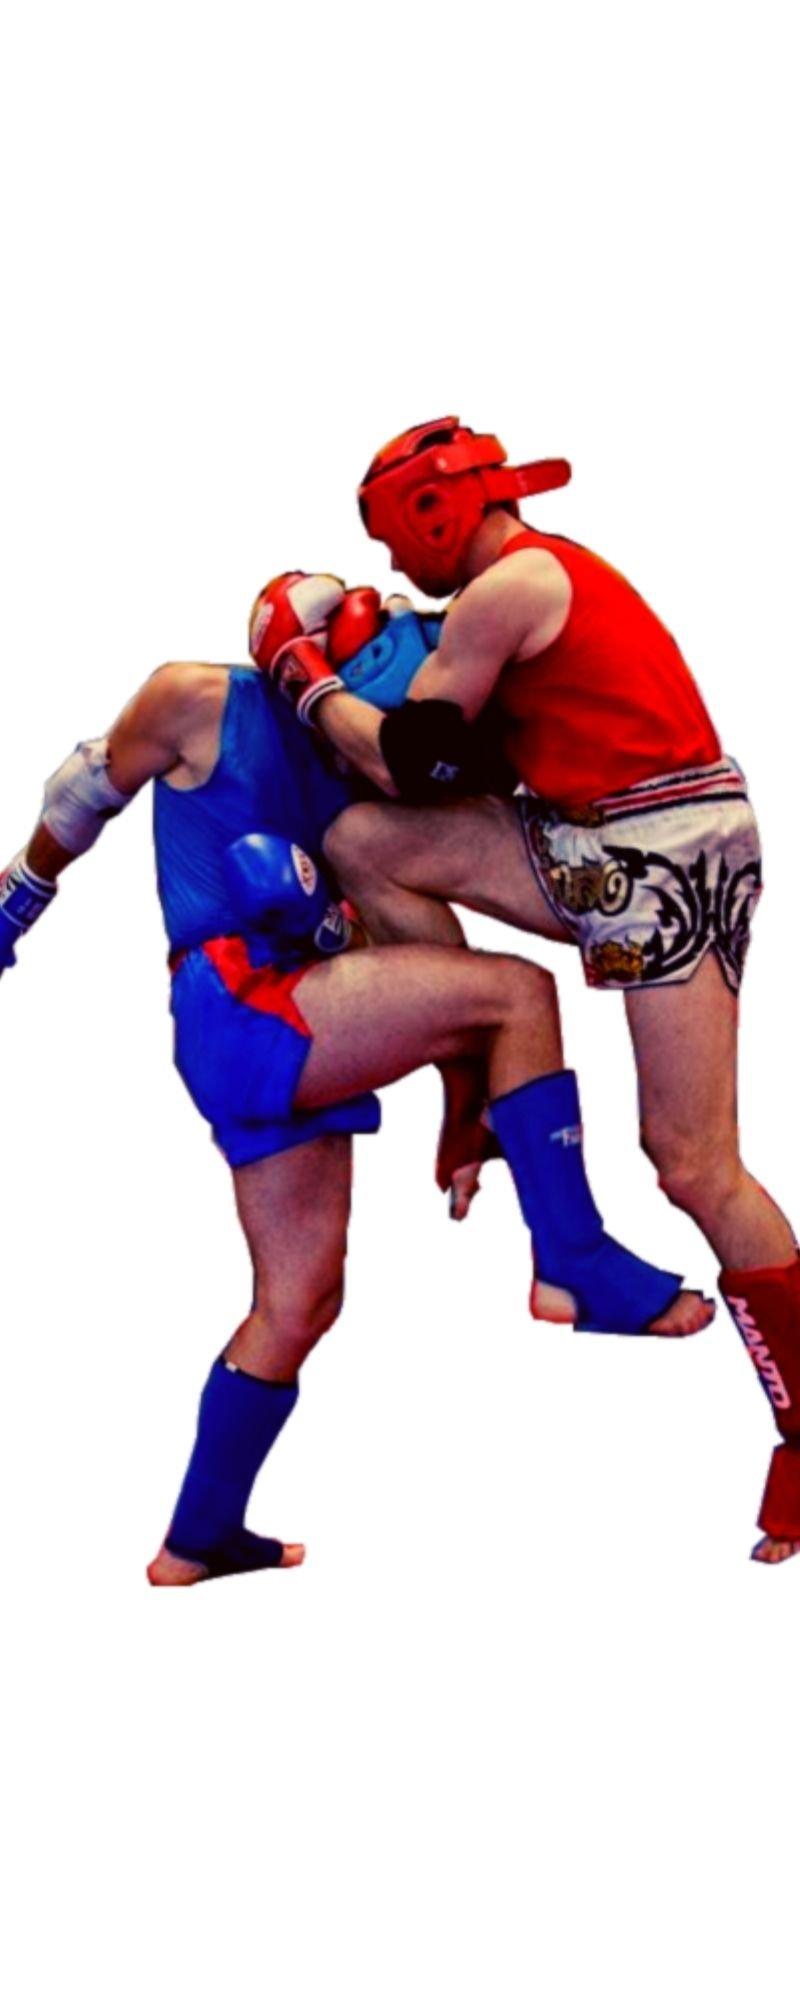 Treningi personalne sportów walki boksu i muaythai Katowice Śląsk